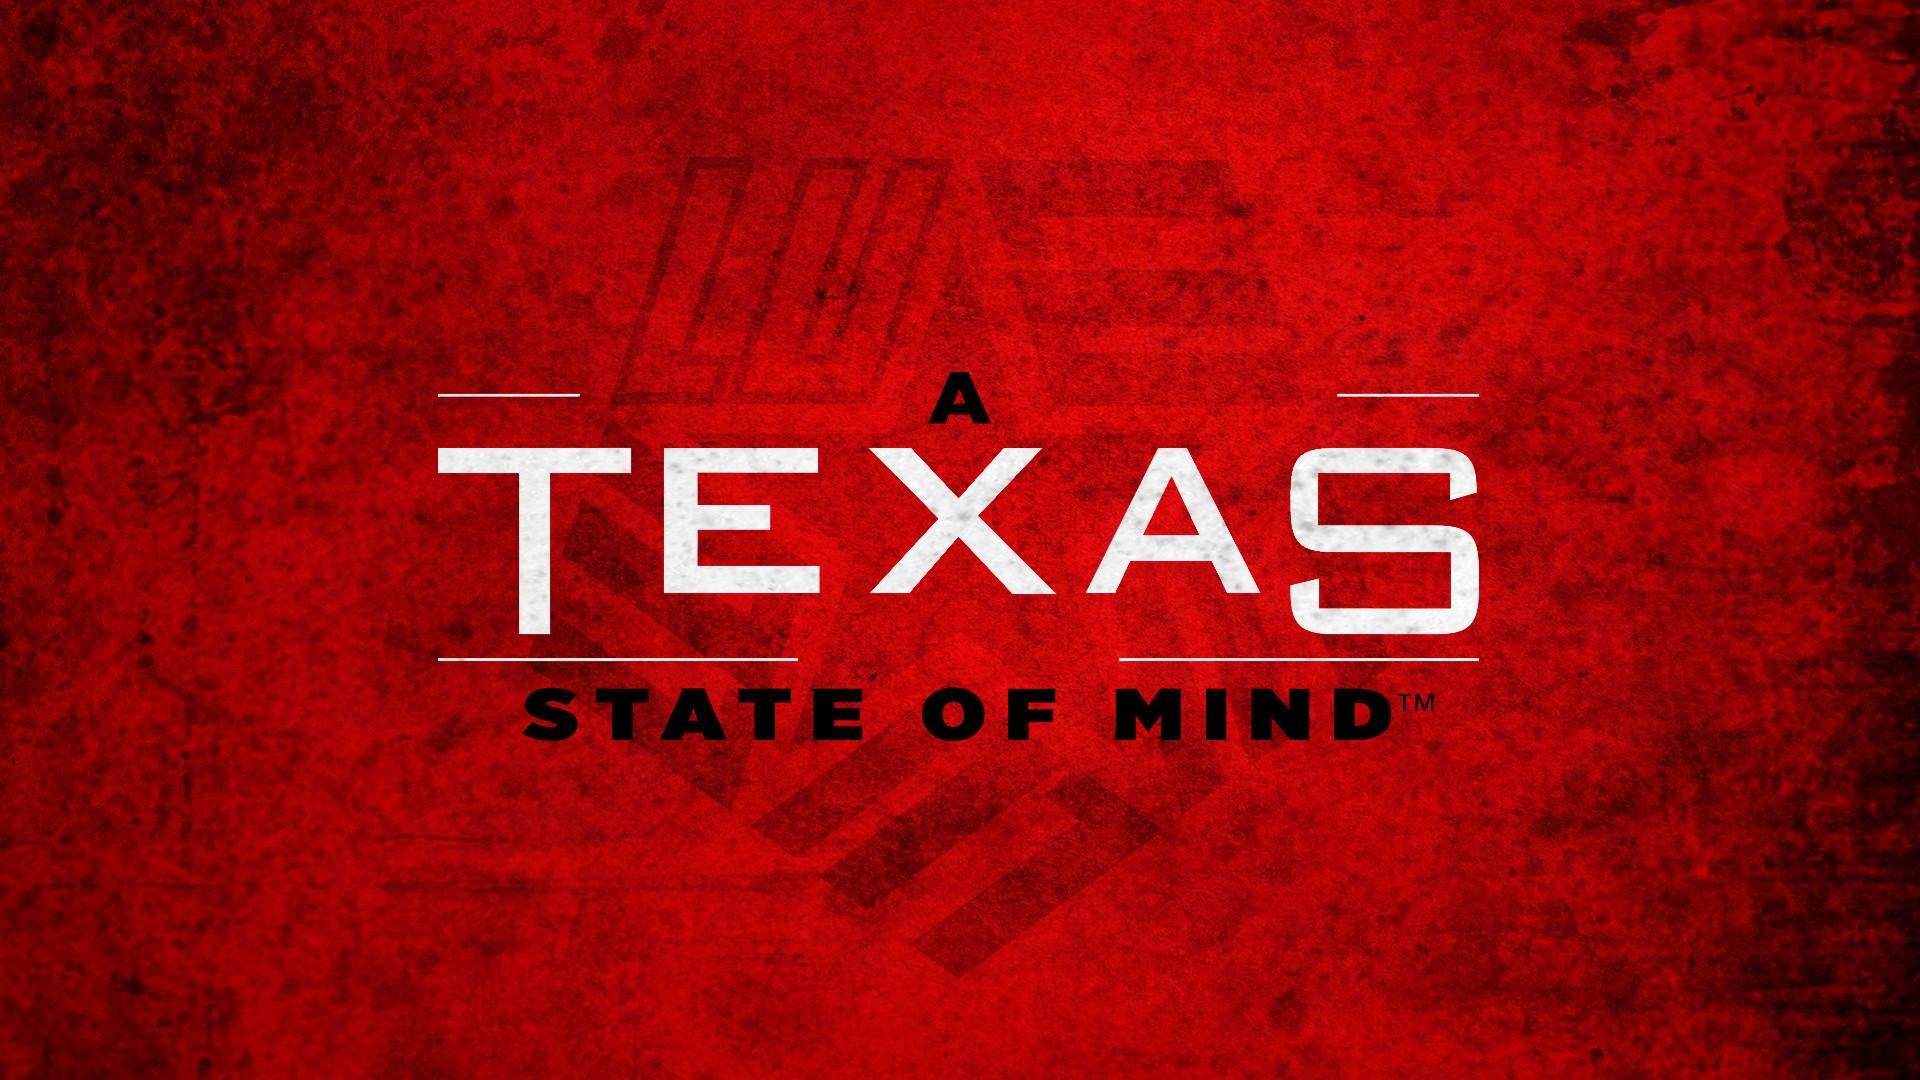 Texas Tech Iphone Wallpaper: Texas Am Wallpaper Desktop (70+ Images